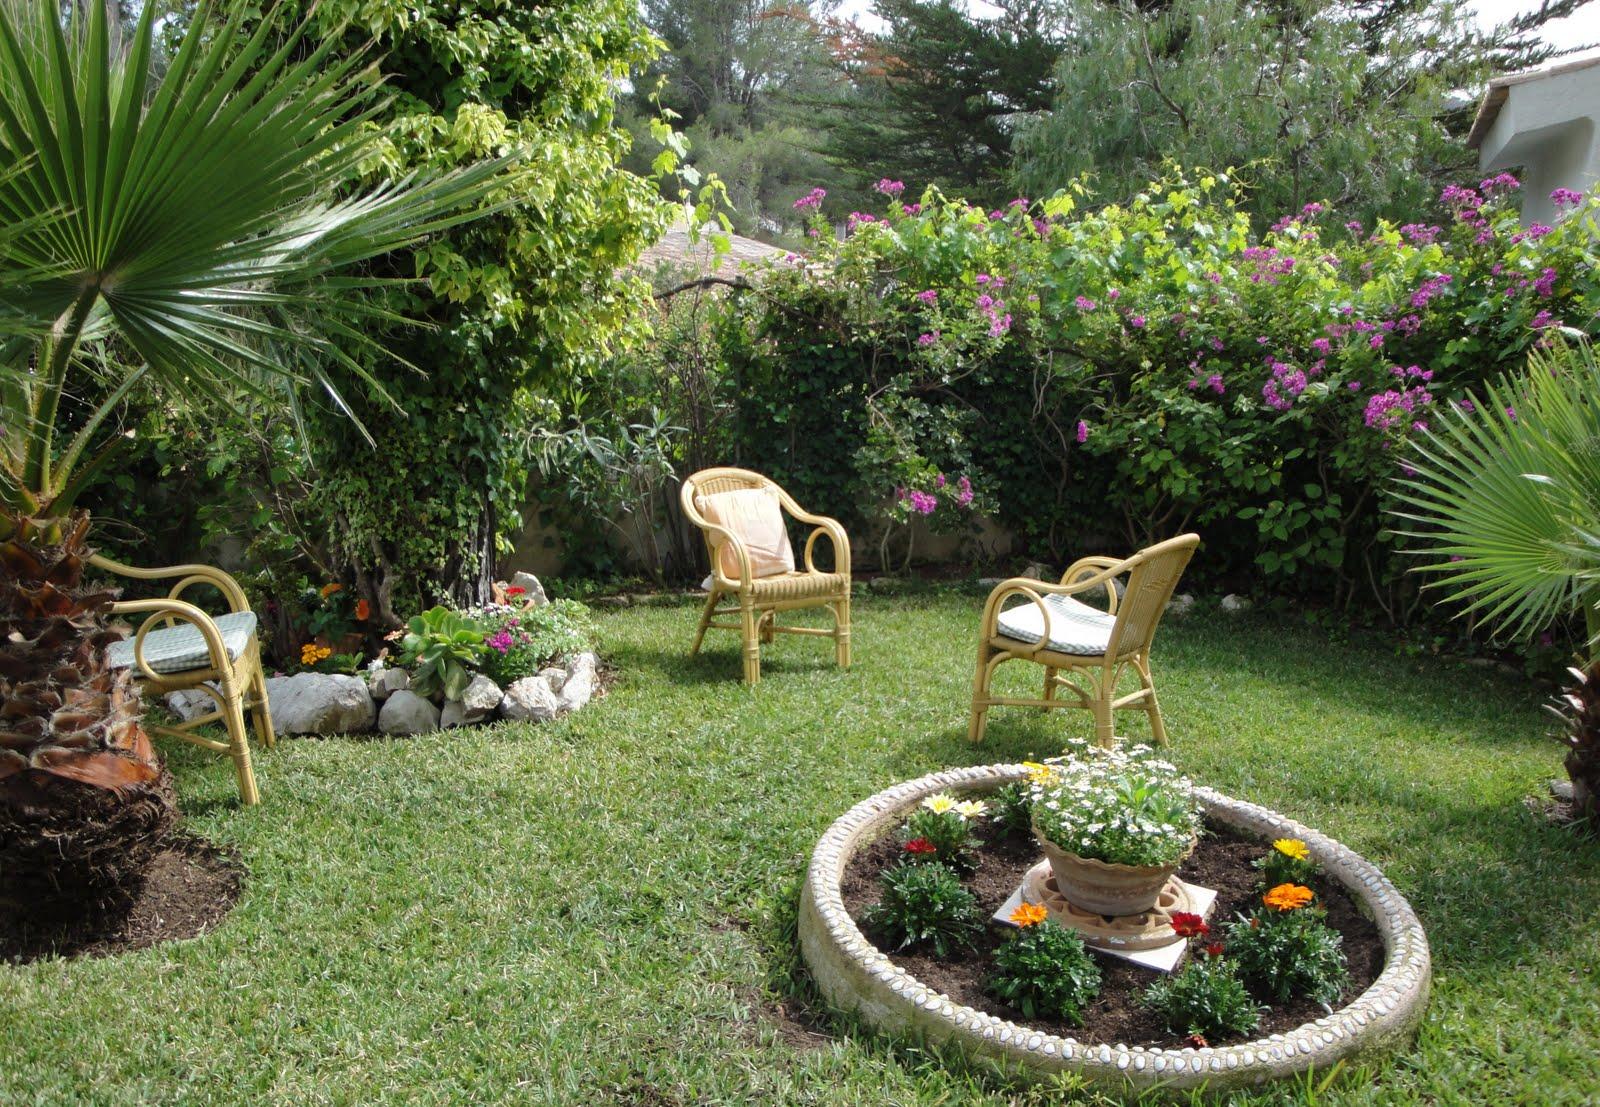 La mimosa de mi jardin un rinc ne mi jardin - Como arreglar mi jardin ...